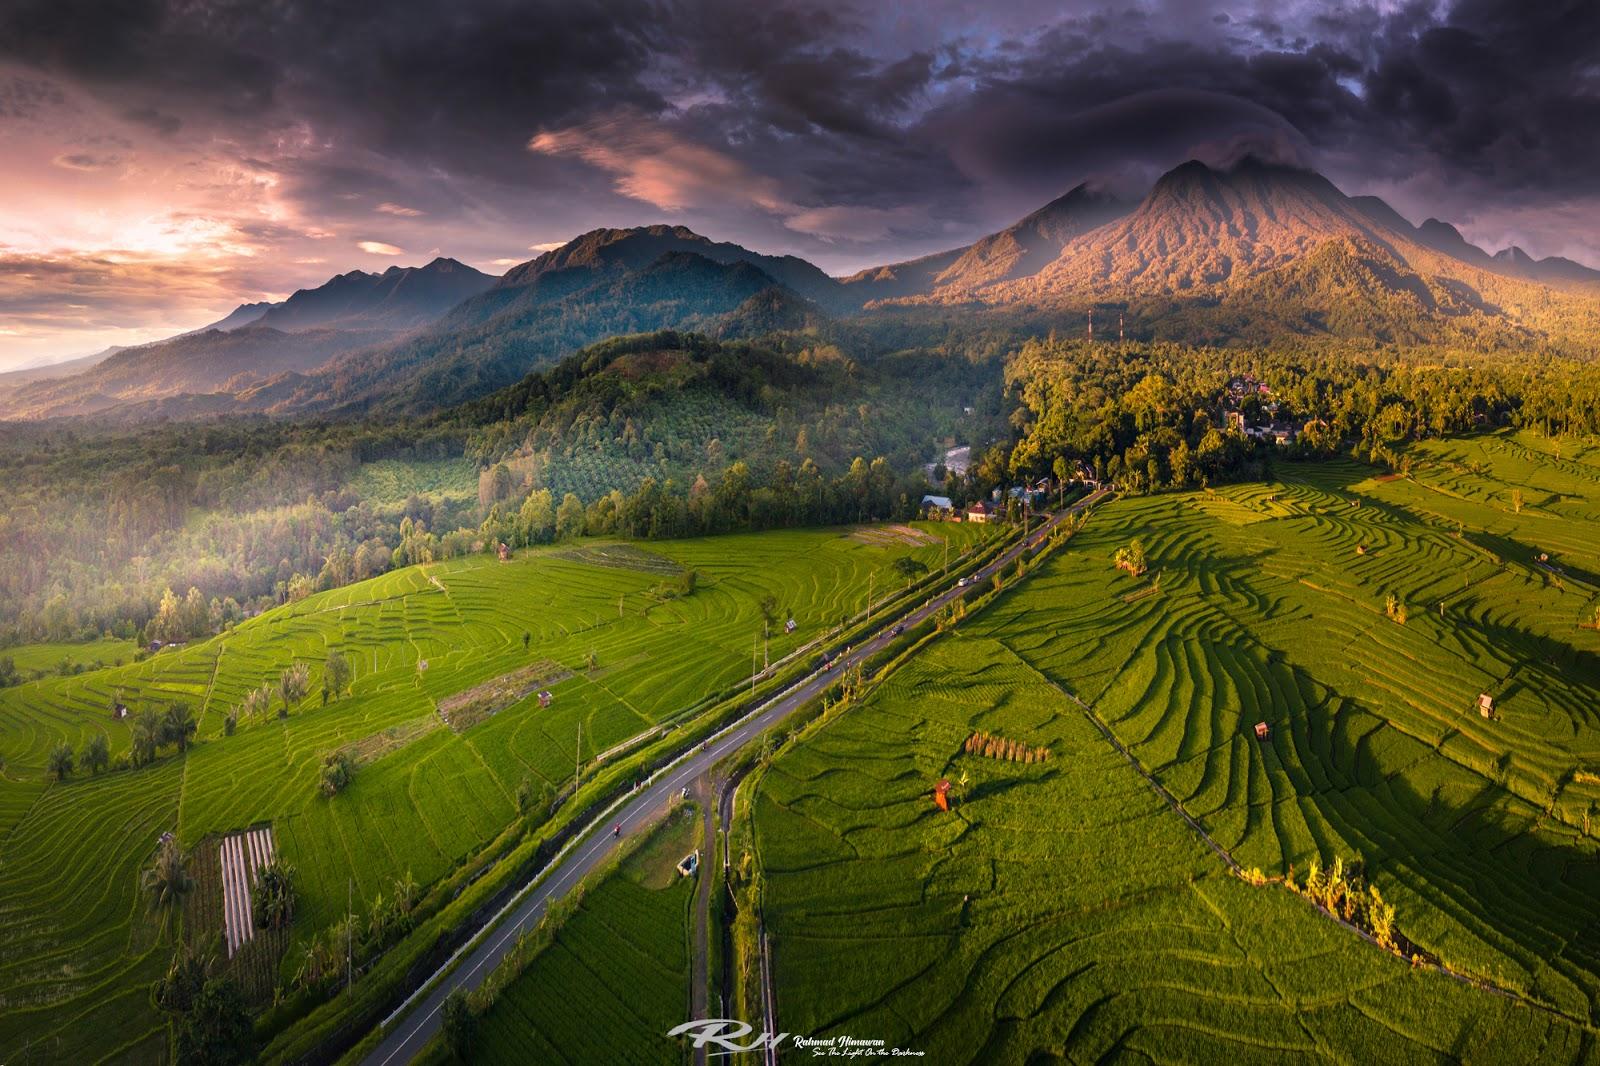 Fotografi Landscape Dengan Tema Sawah Sebagai Background Nya